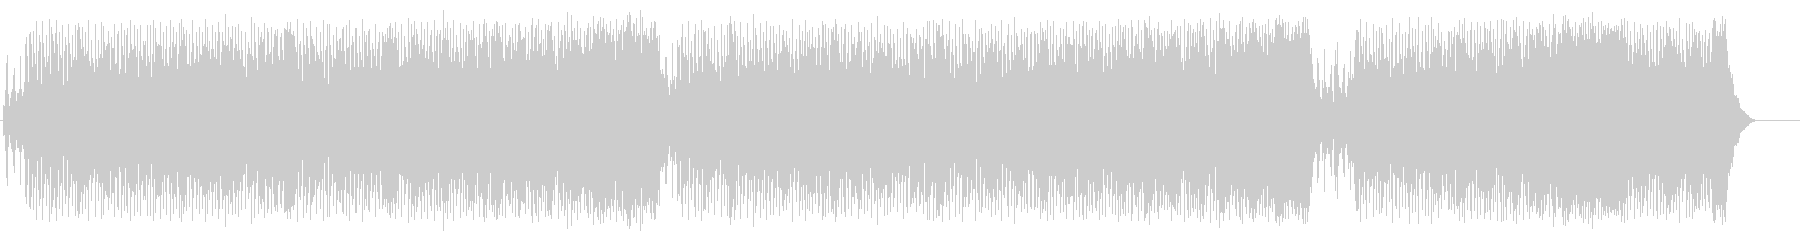 好奇心旺盛なポップ(フルサイズ)の未再生の波形